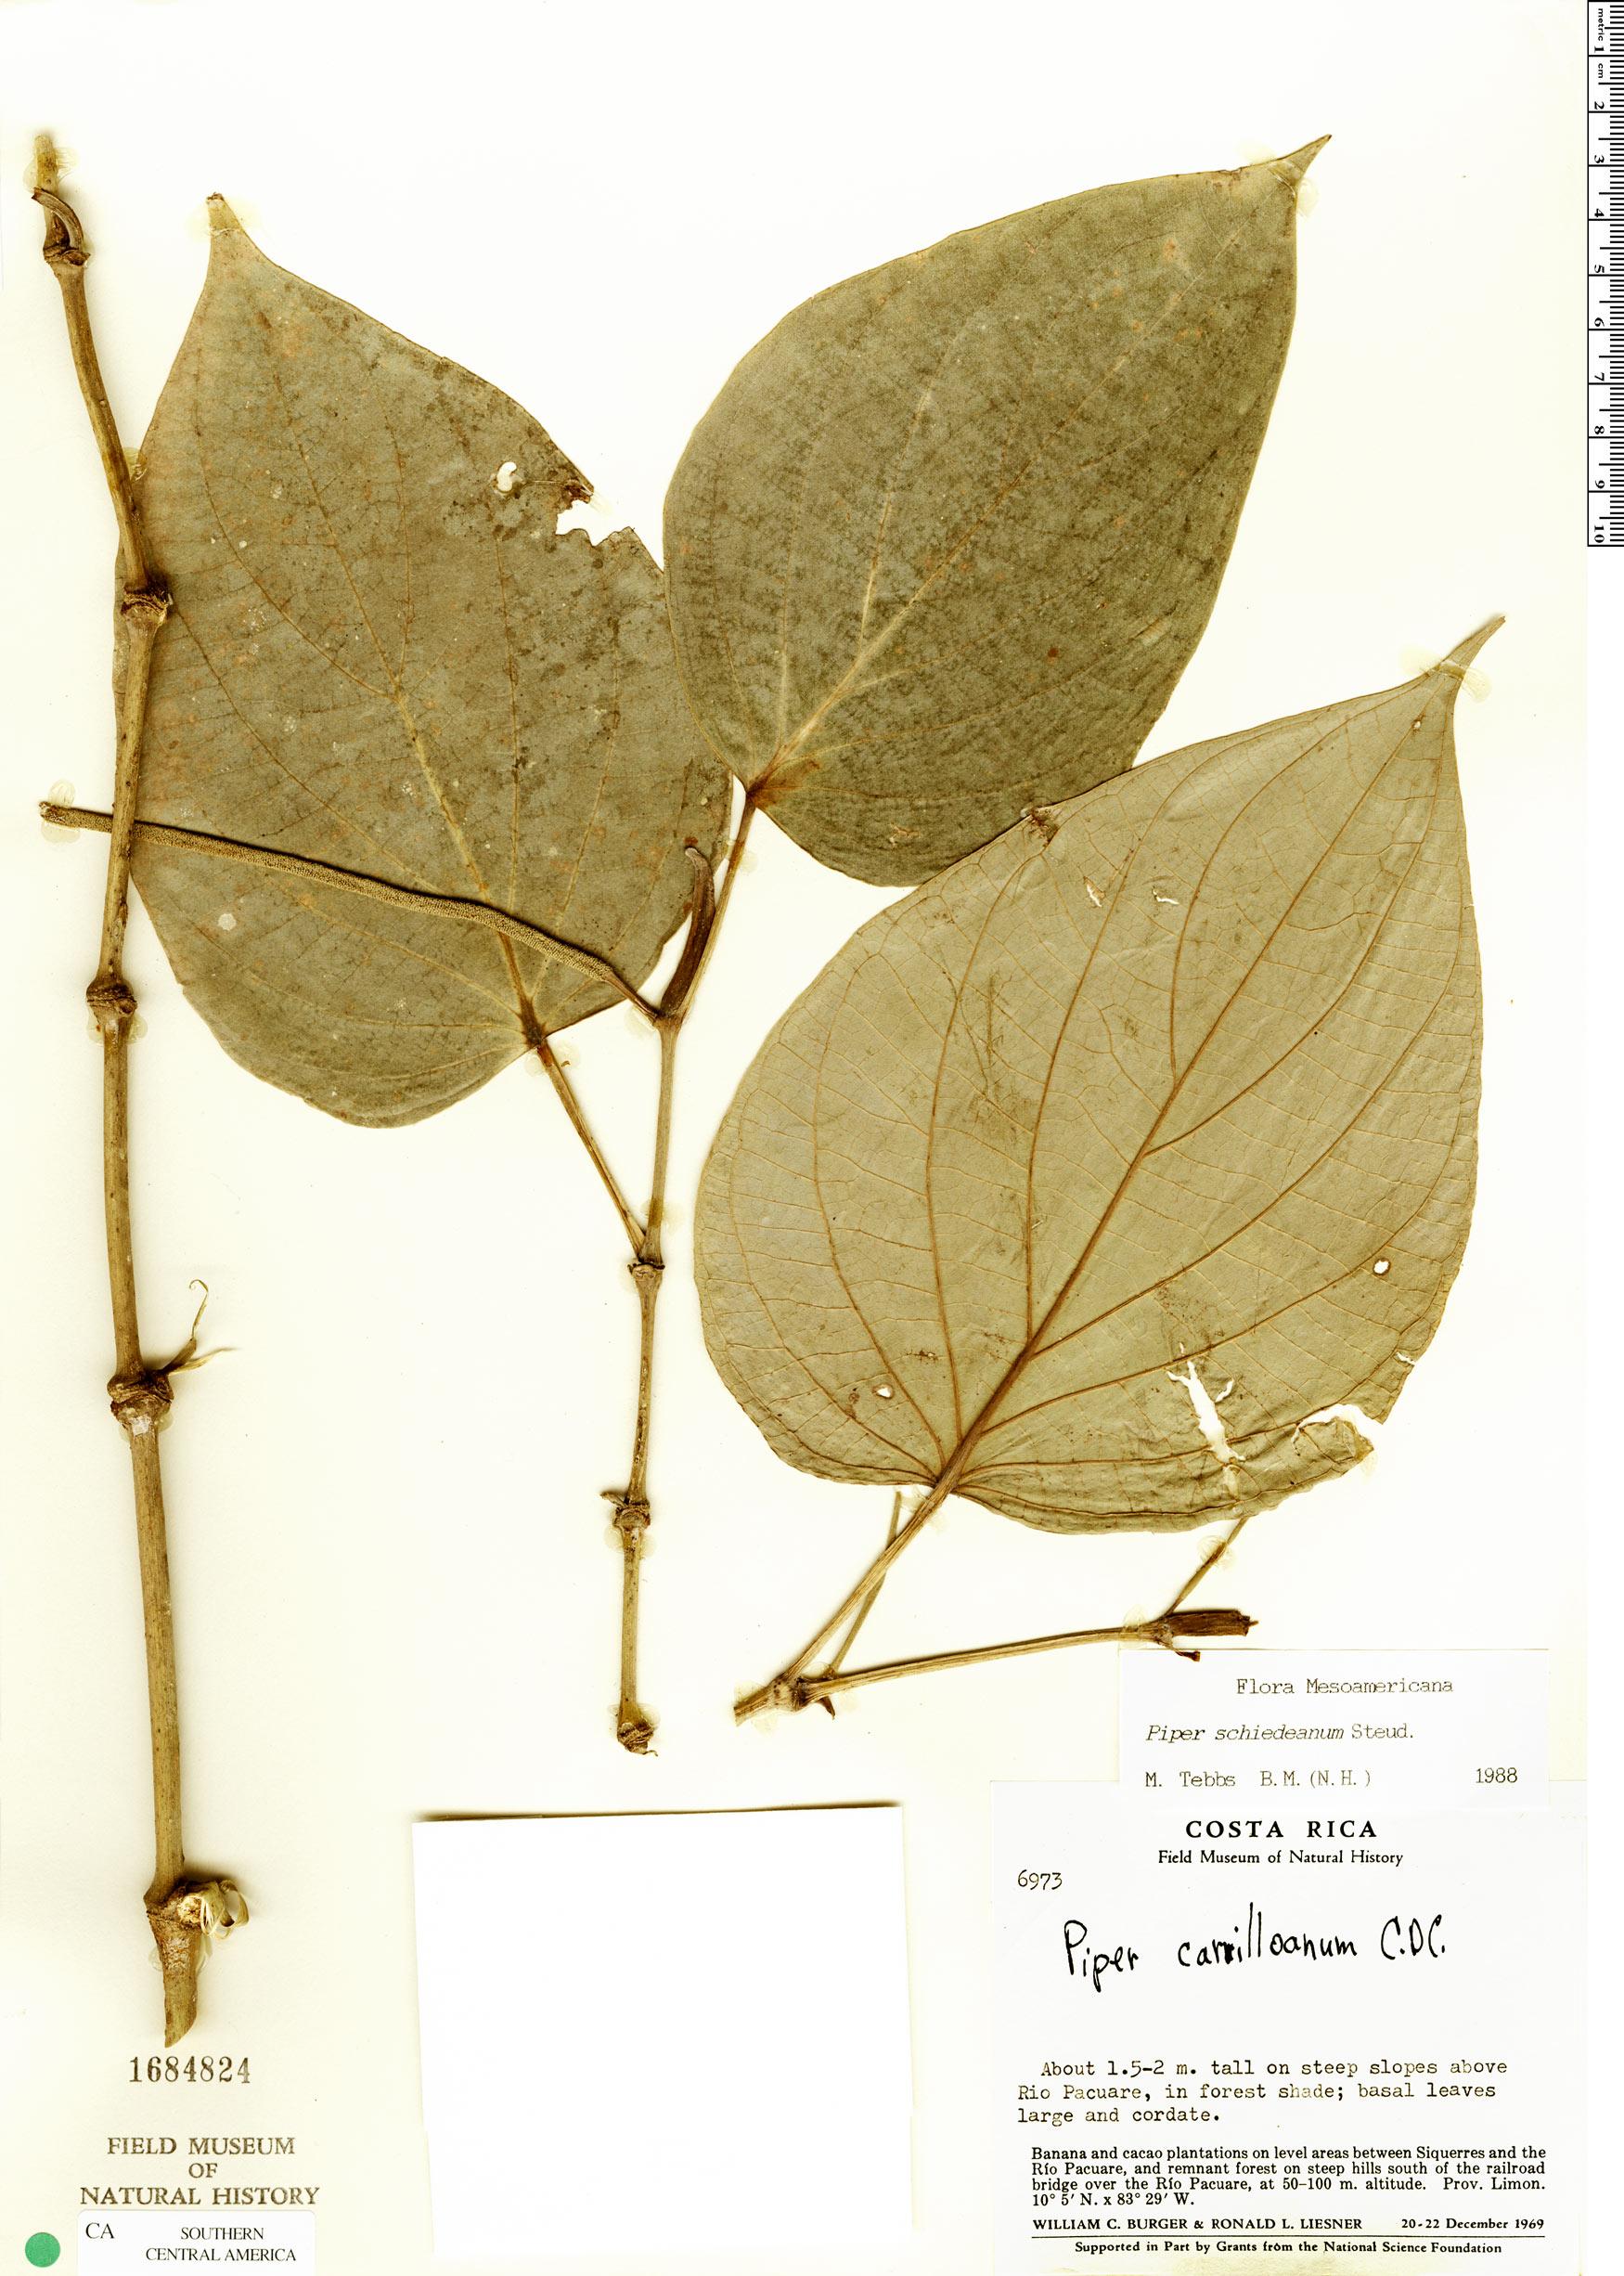 Specimen: Piper paulowniifolium